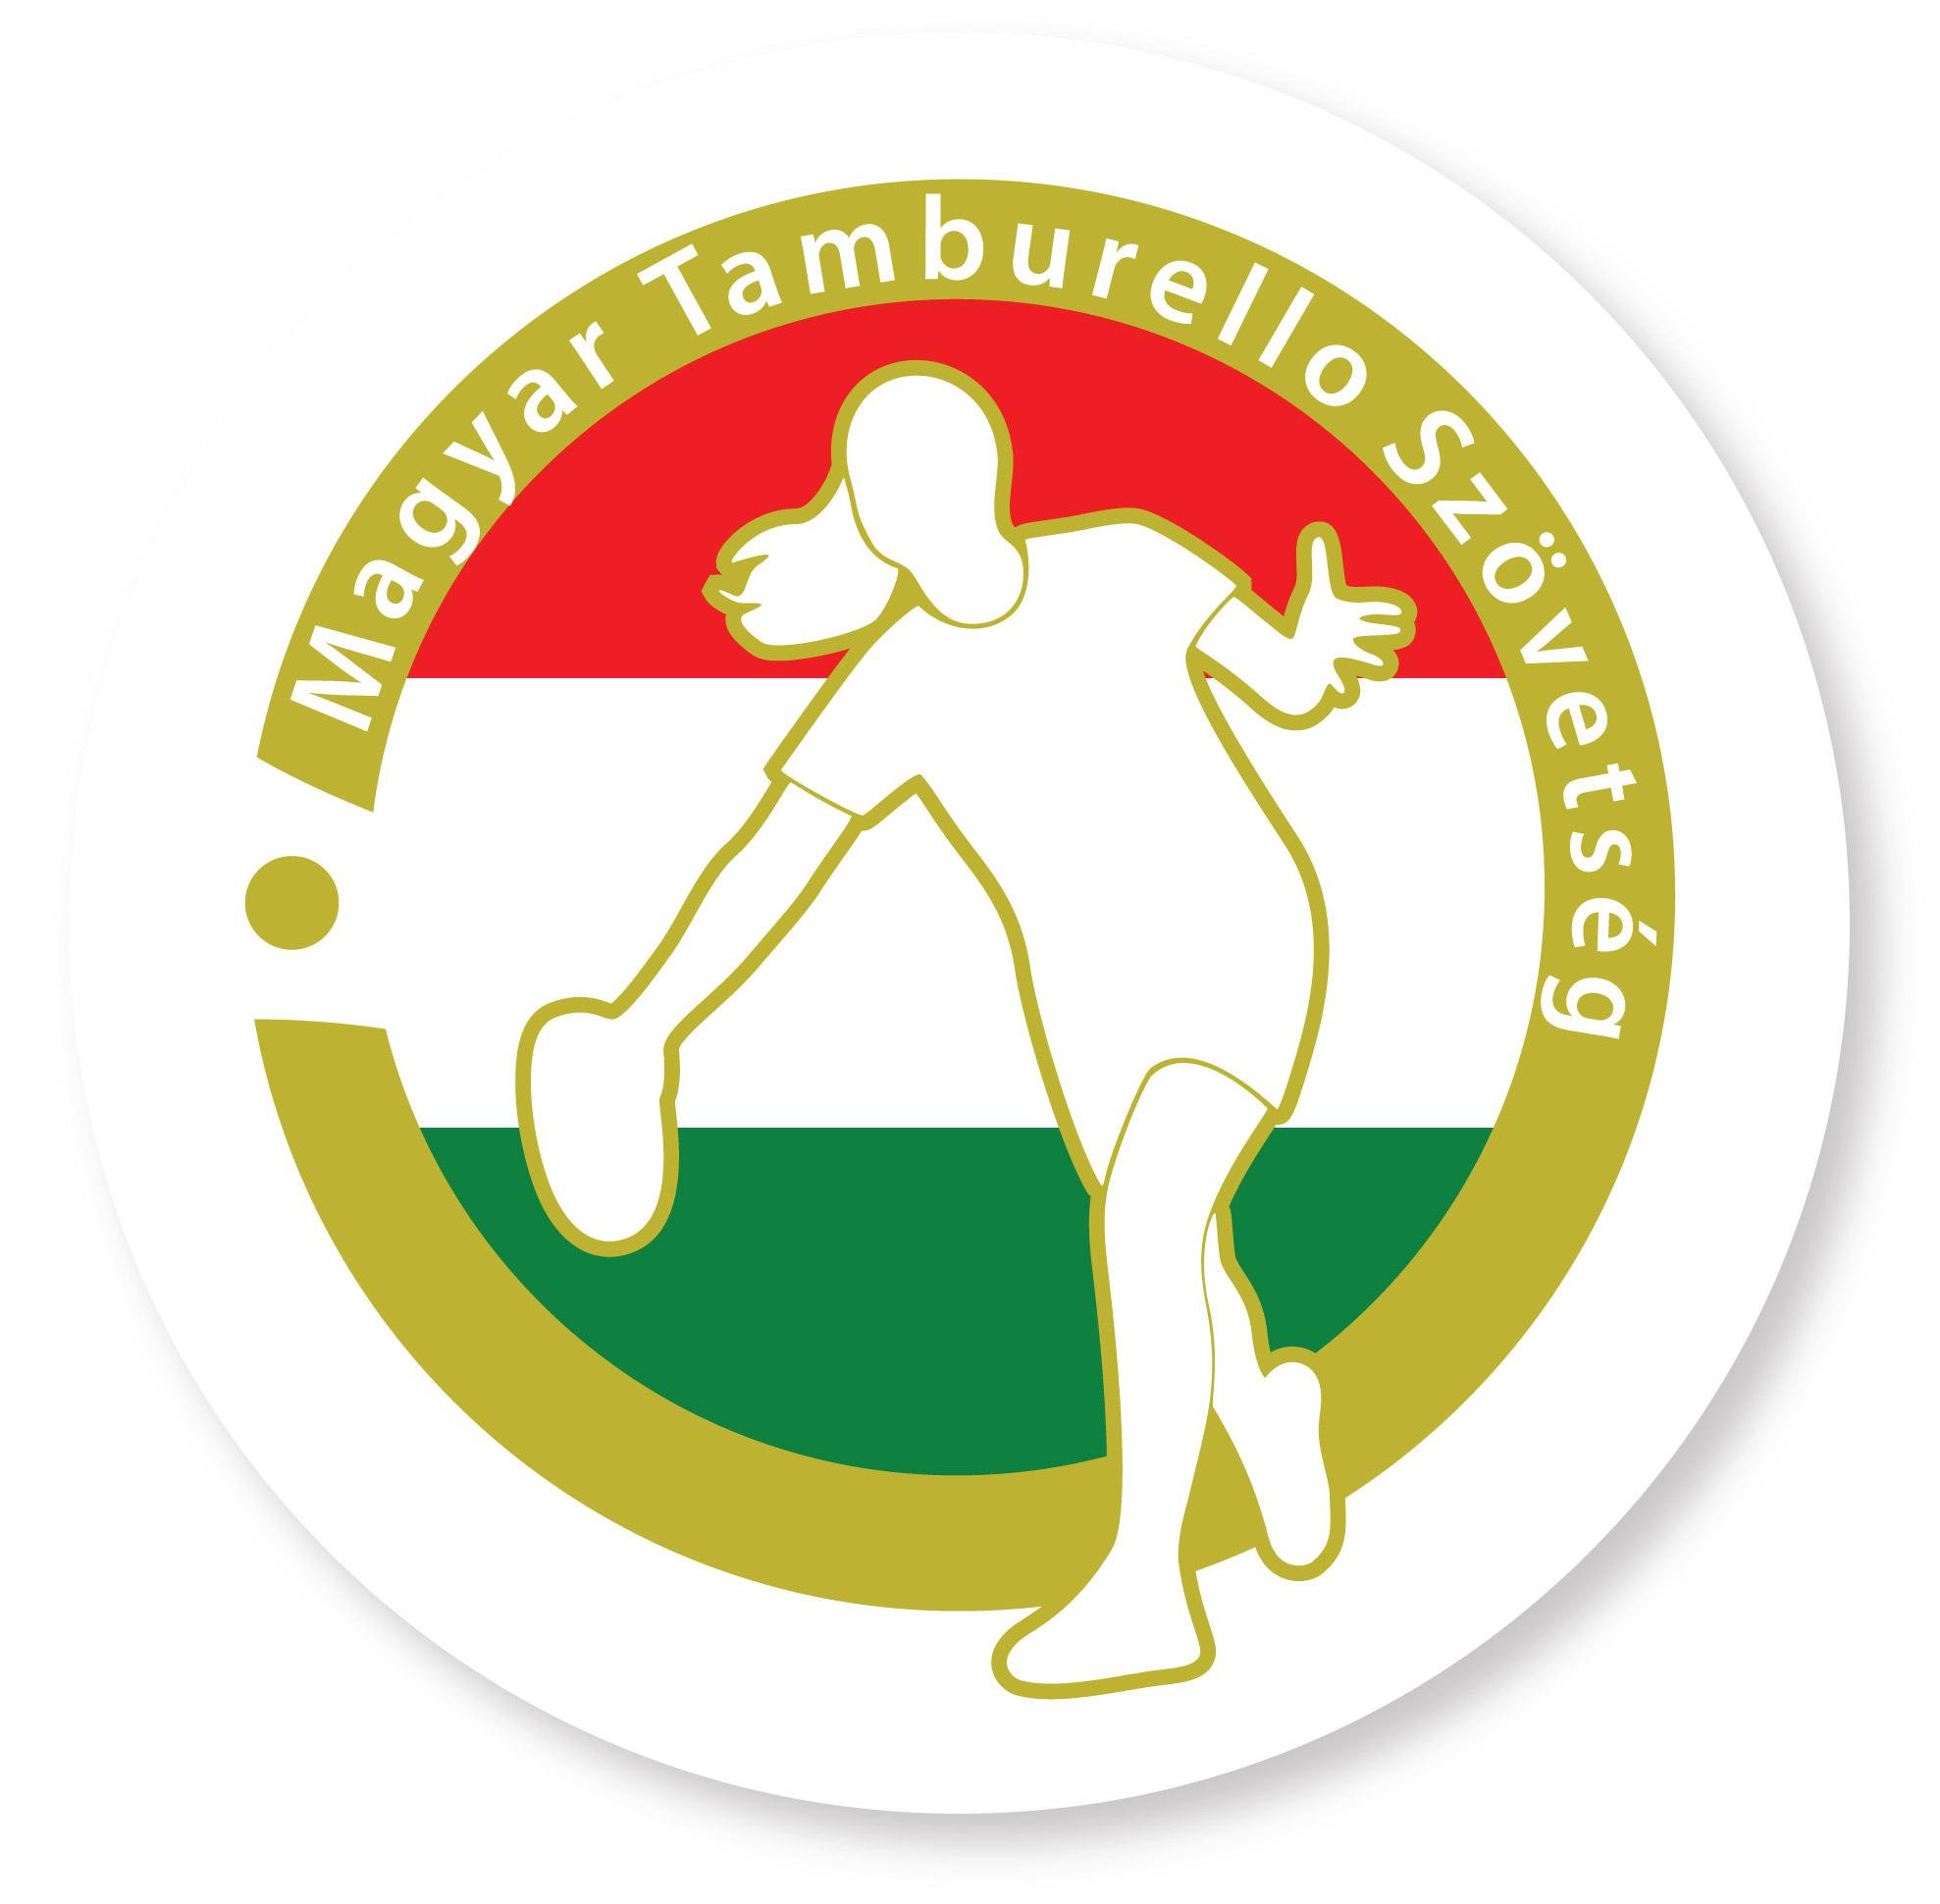 logo_vegleges.jpg